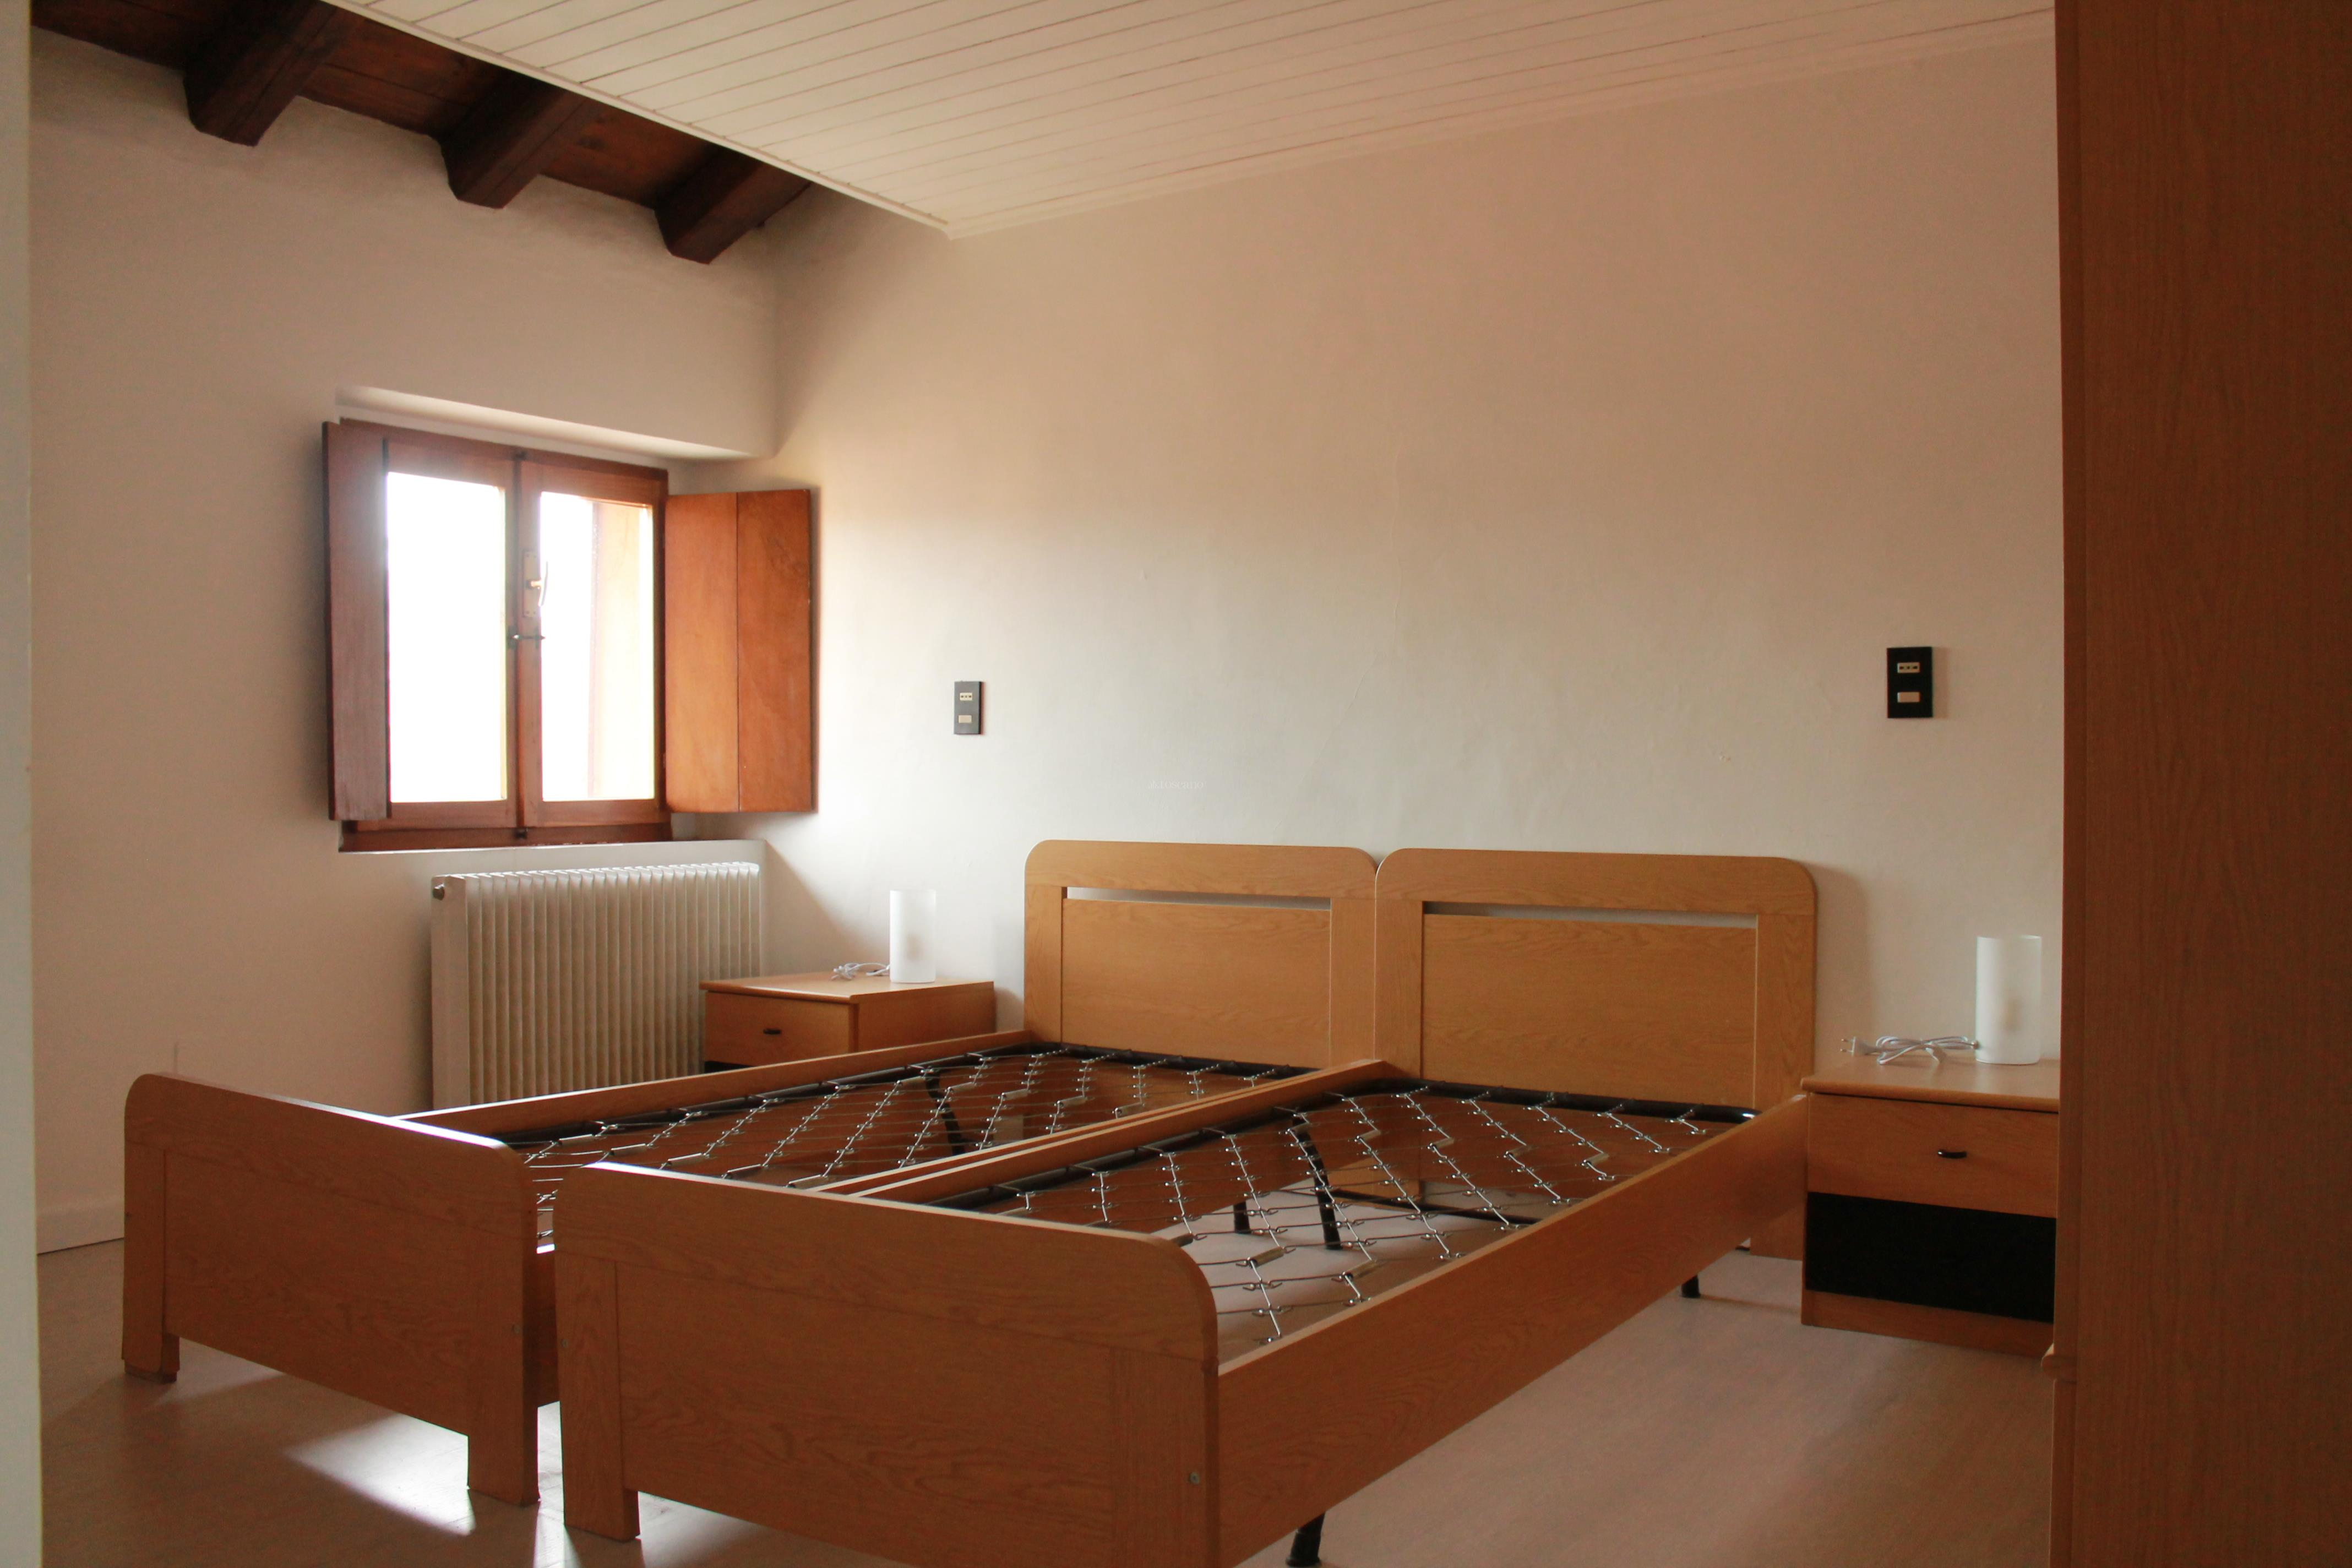 Vendita casa a udine in adiacenze via mantica via for Casa moderna udine 2017 orari